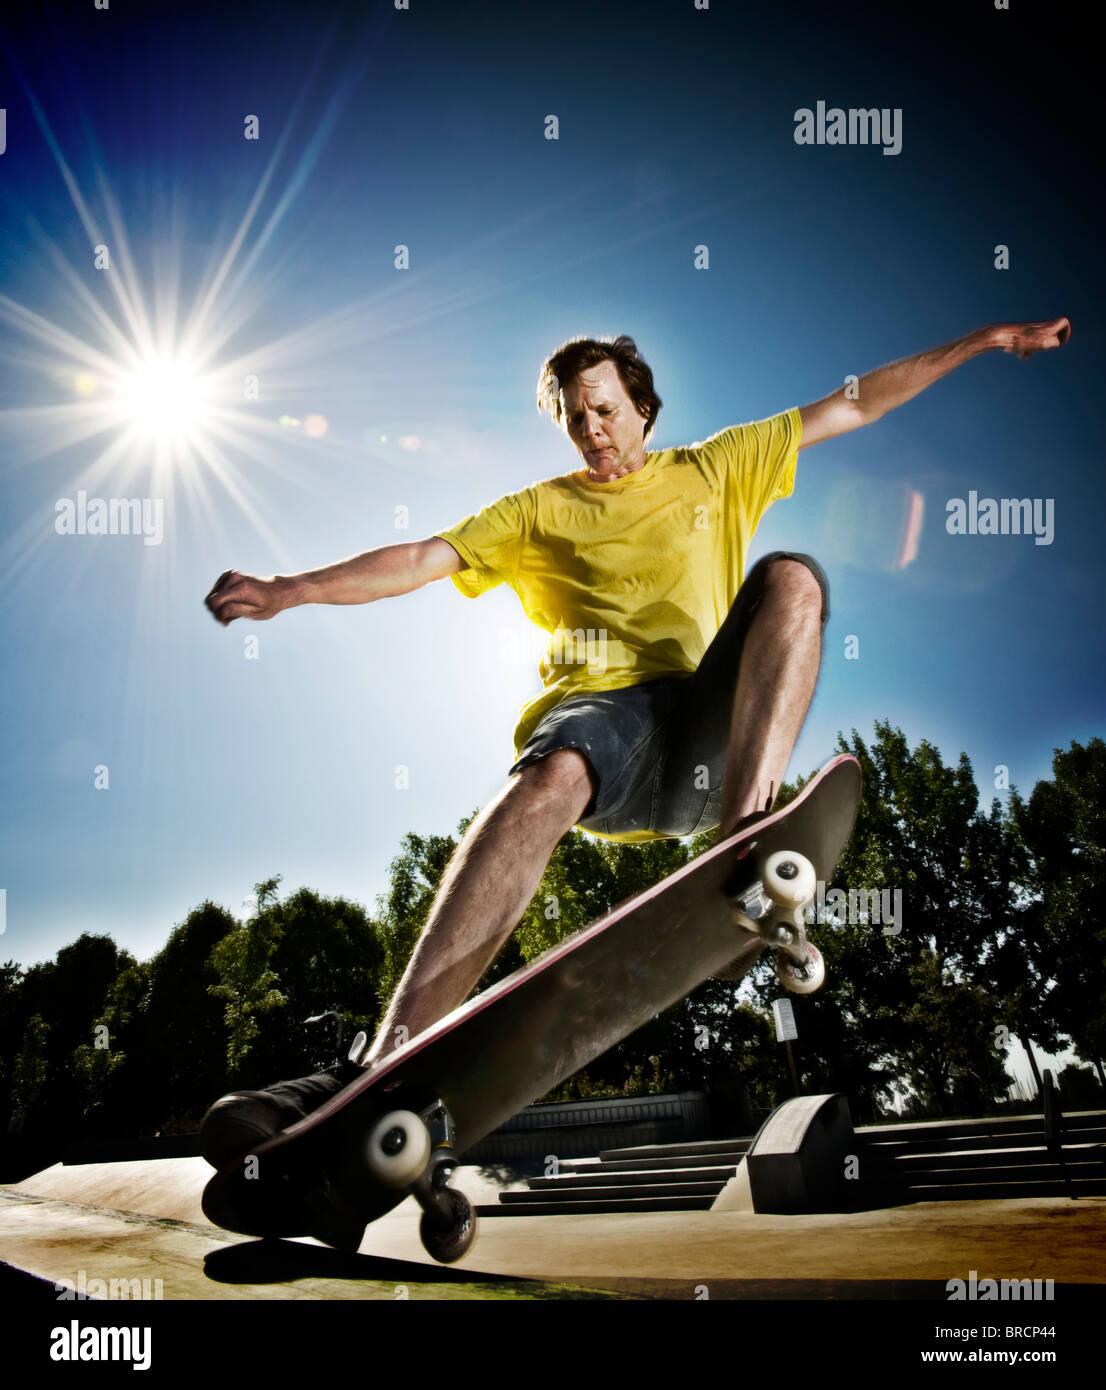 Guidatore di skateboard facendo uno skateboard trick Immagini Stock